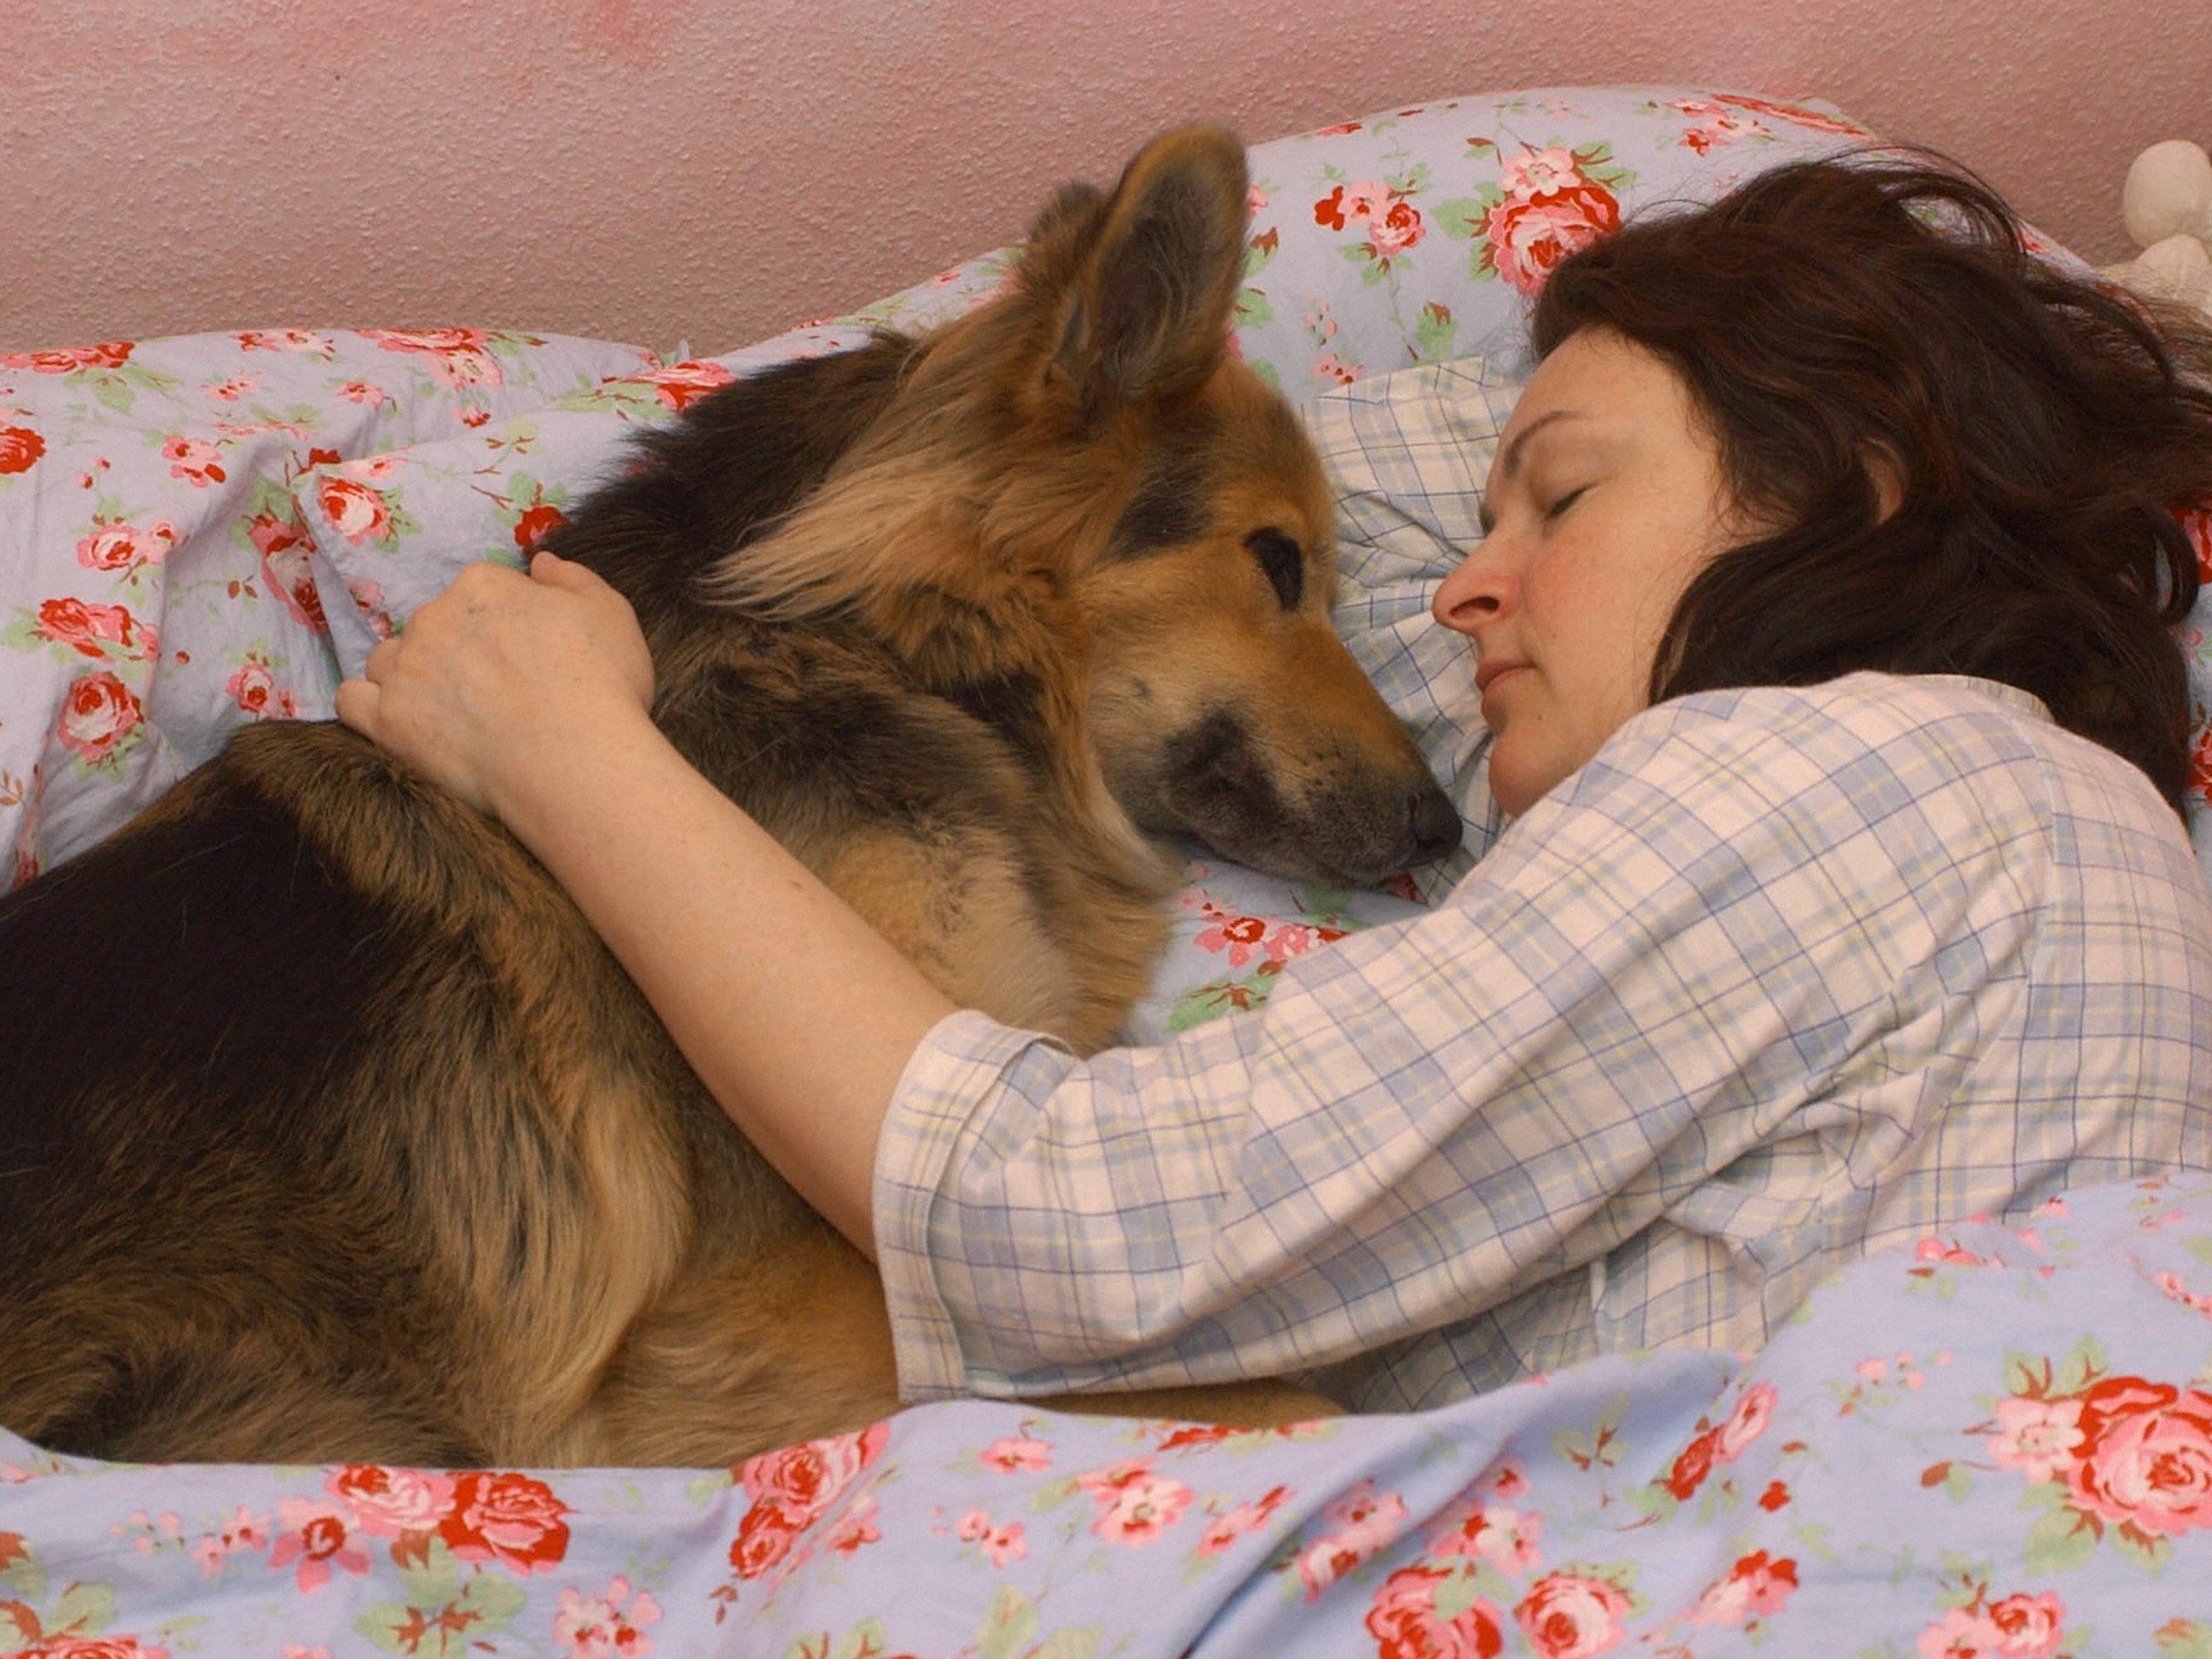 Der Hund baut eine besonders enge Beziehung zu Menschen auf.